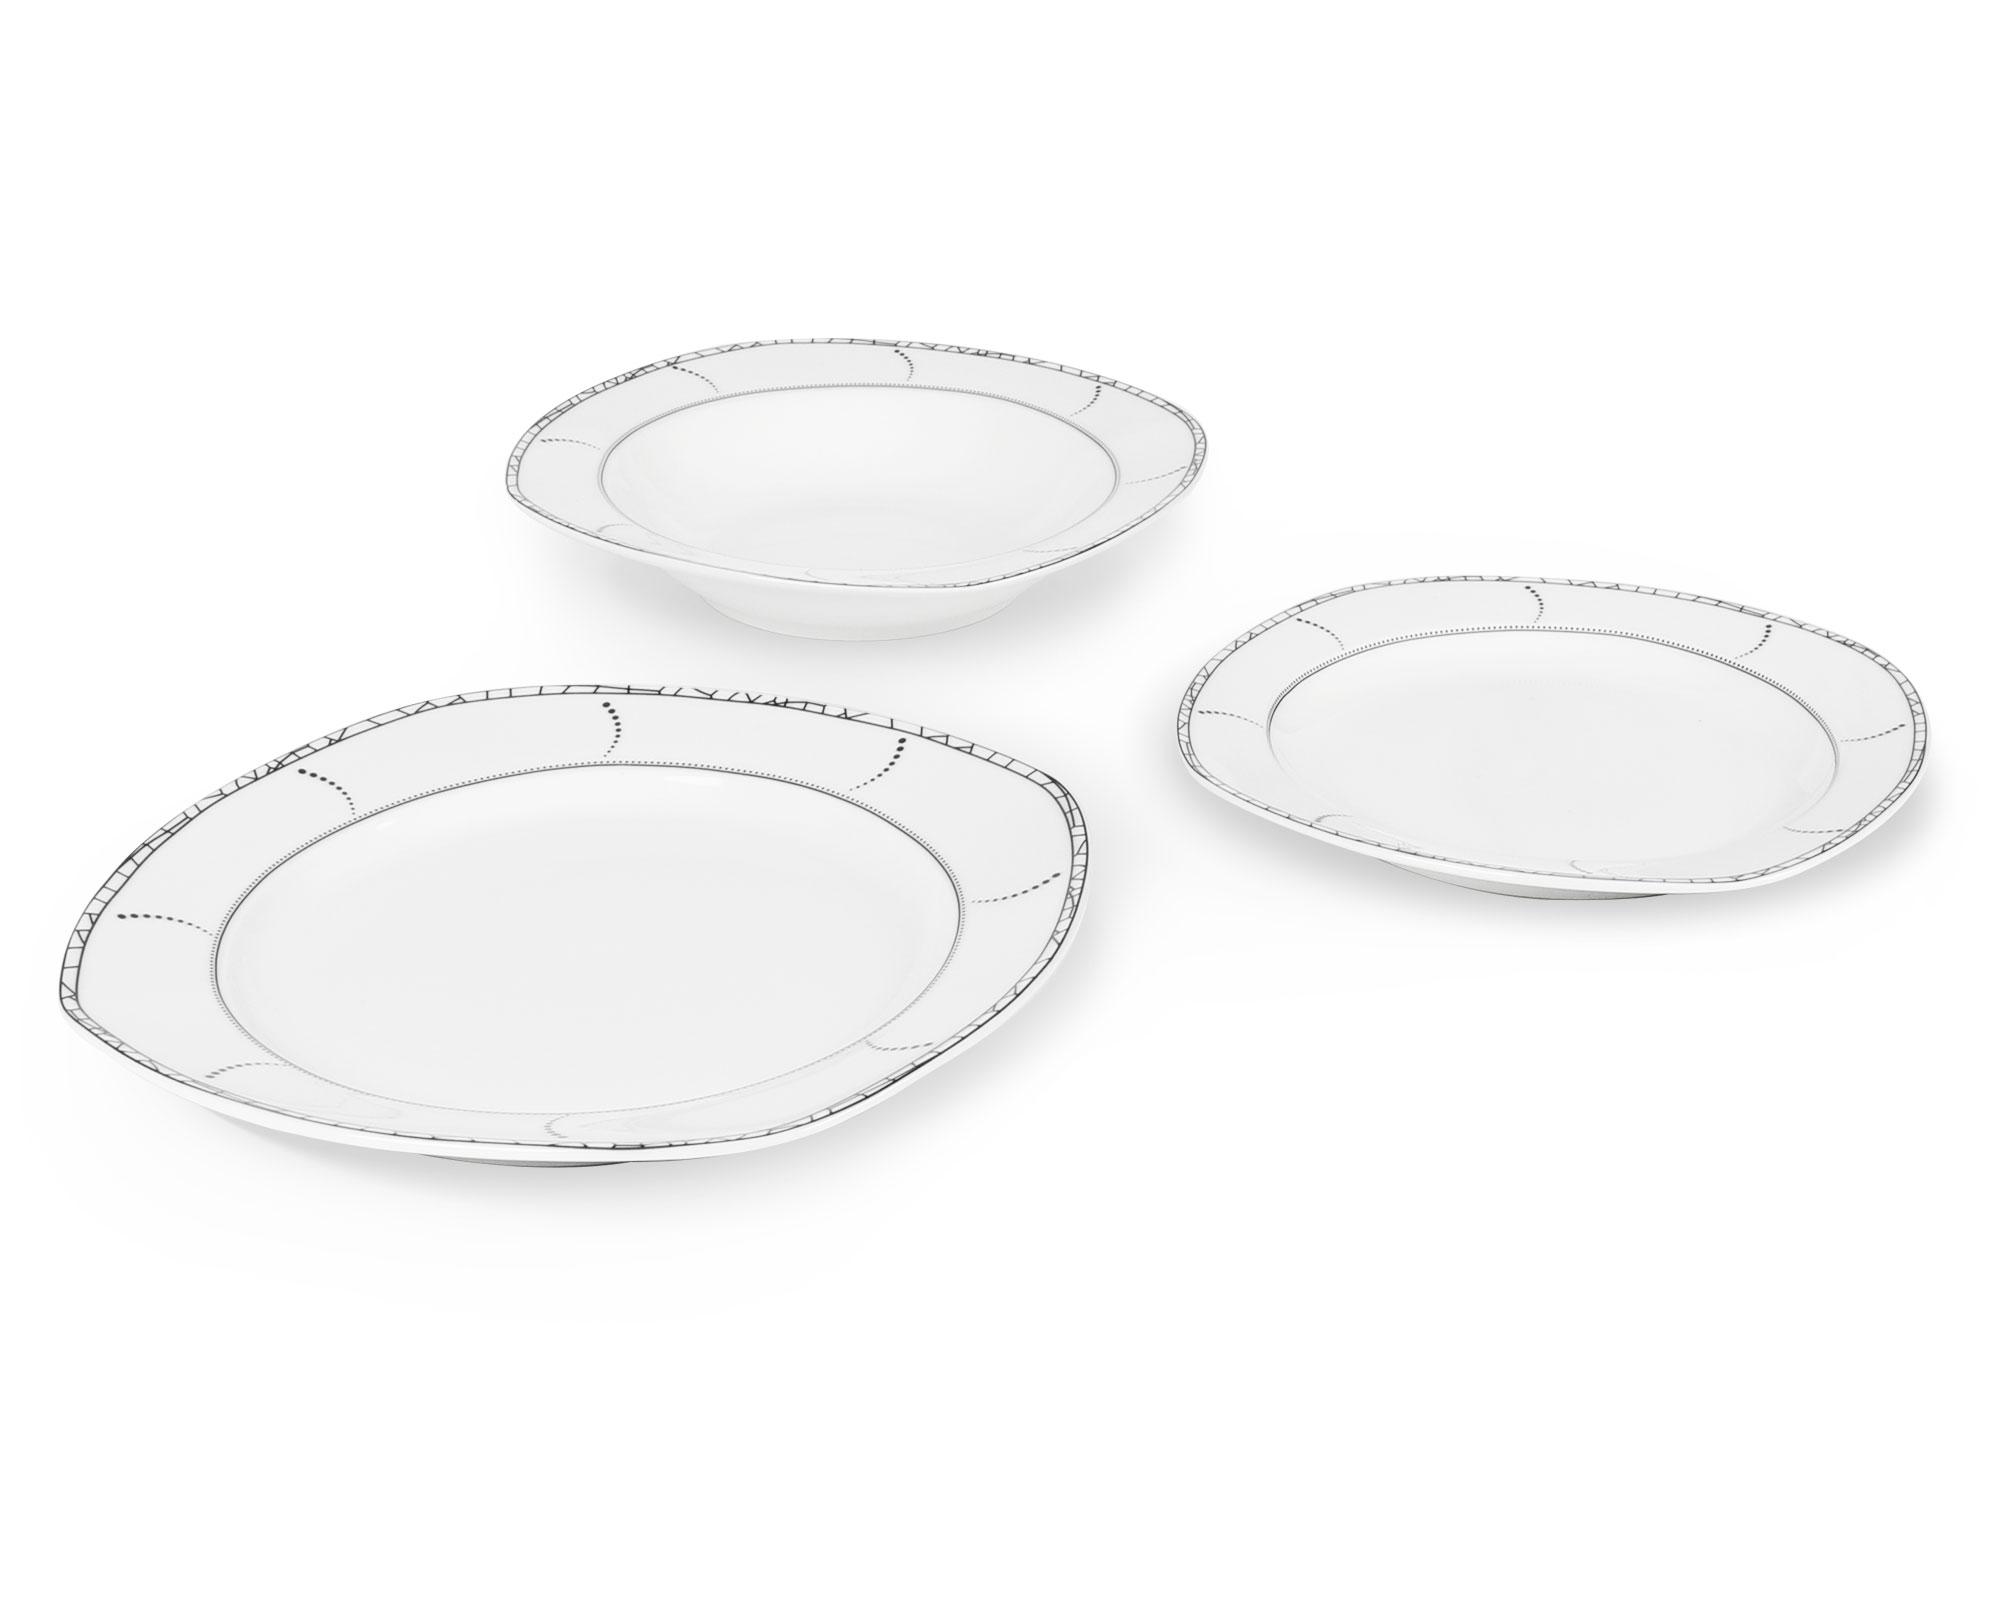 Pocelain dinnerware set 18pcs